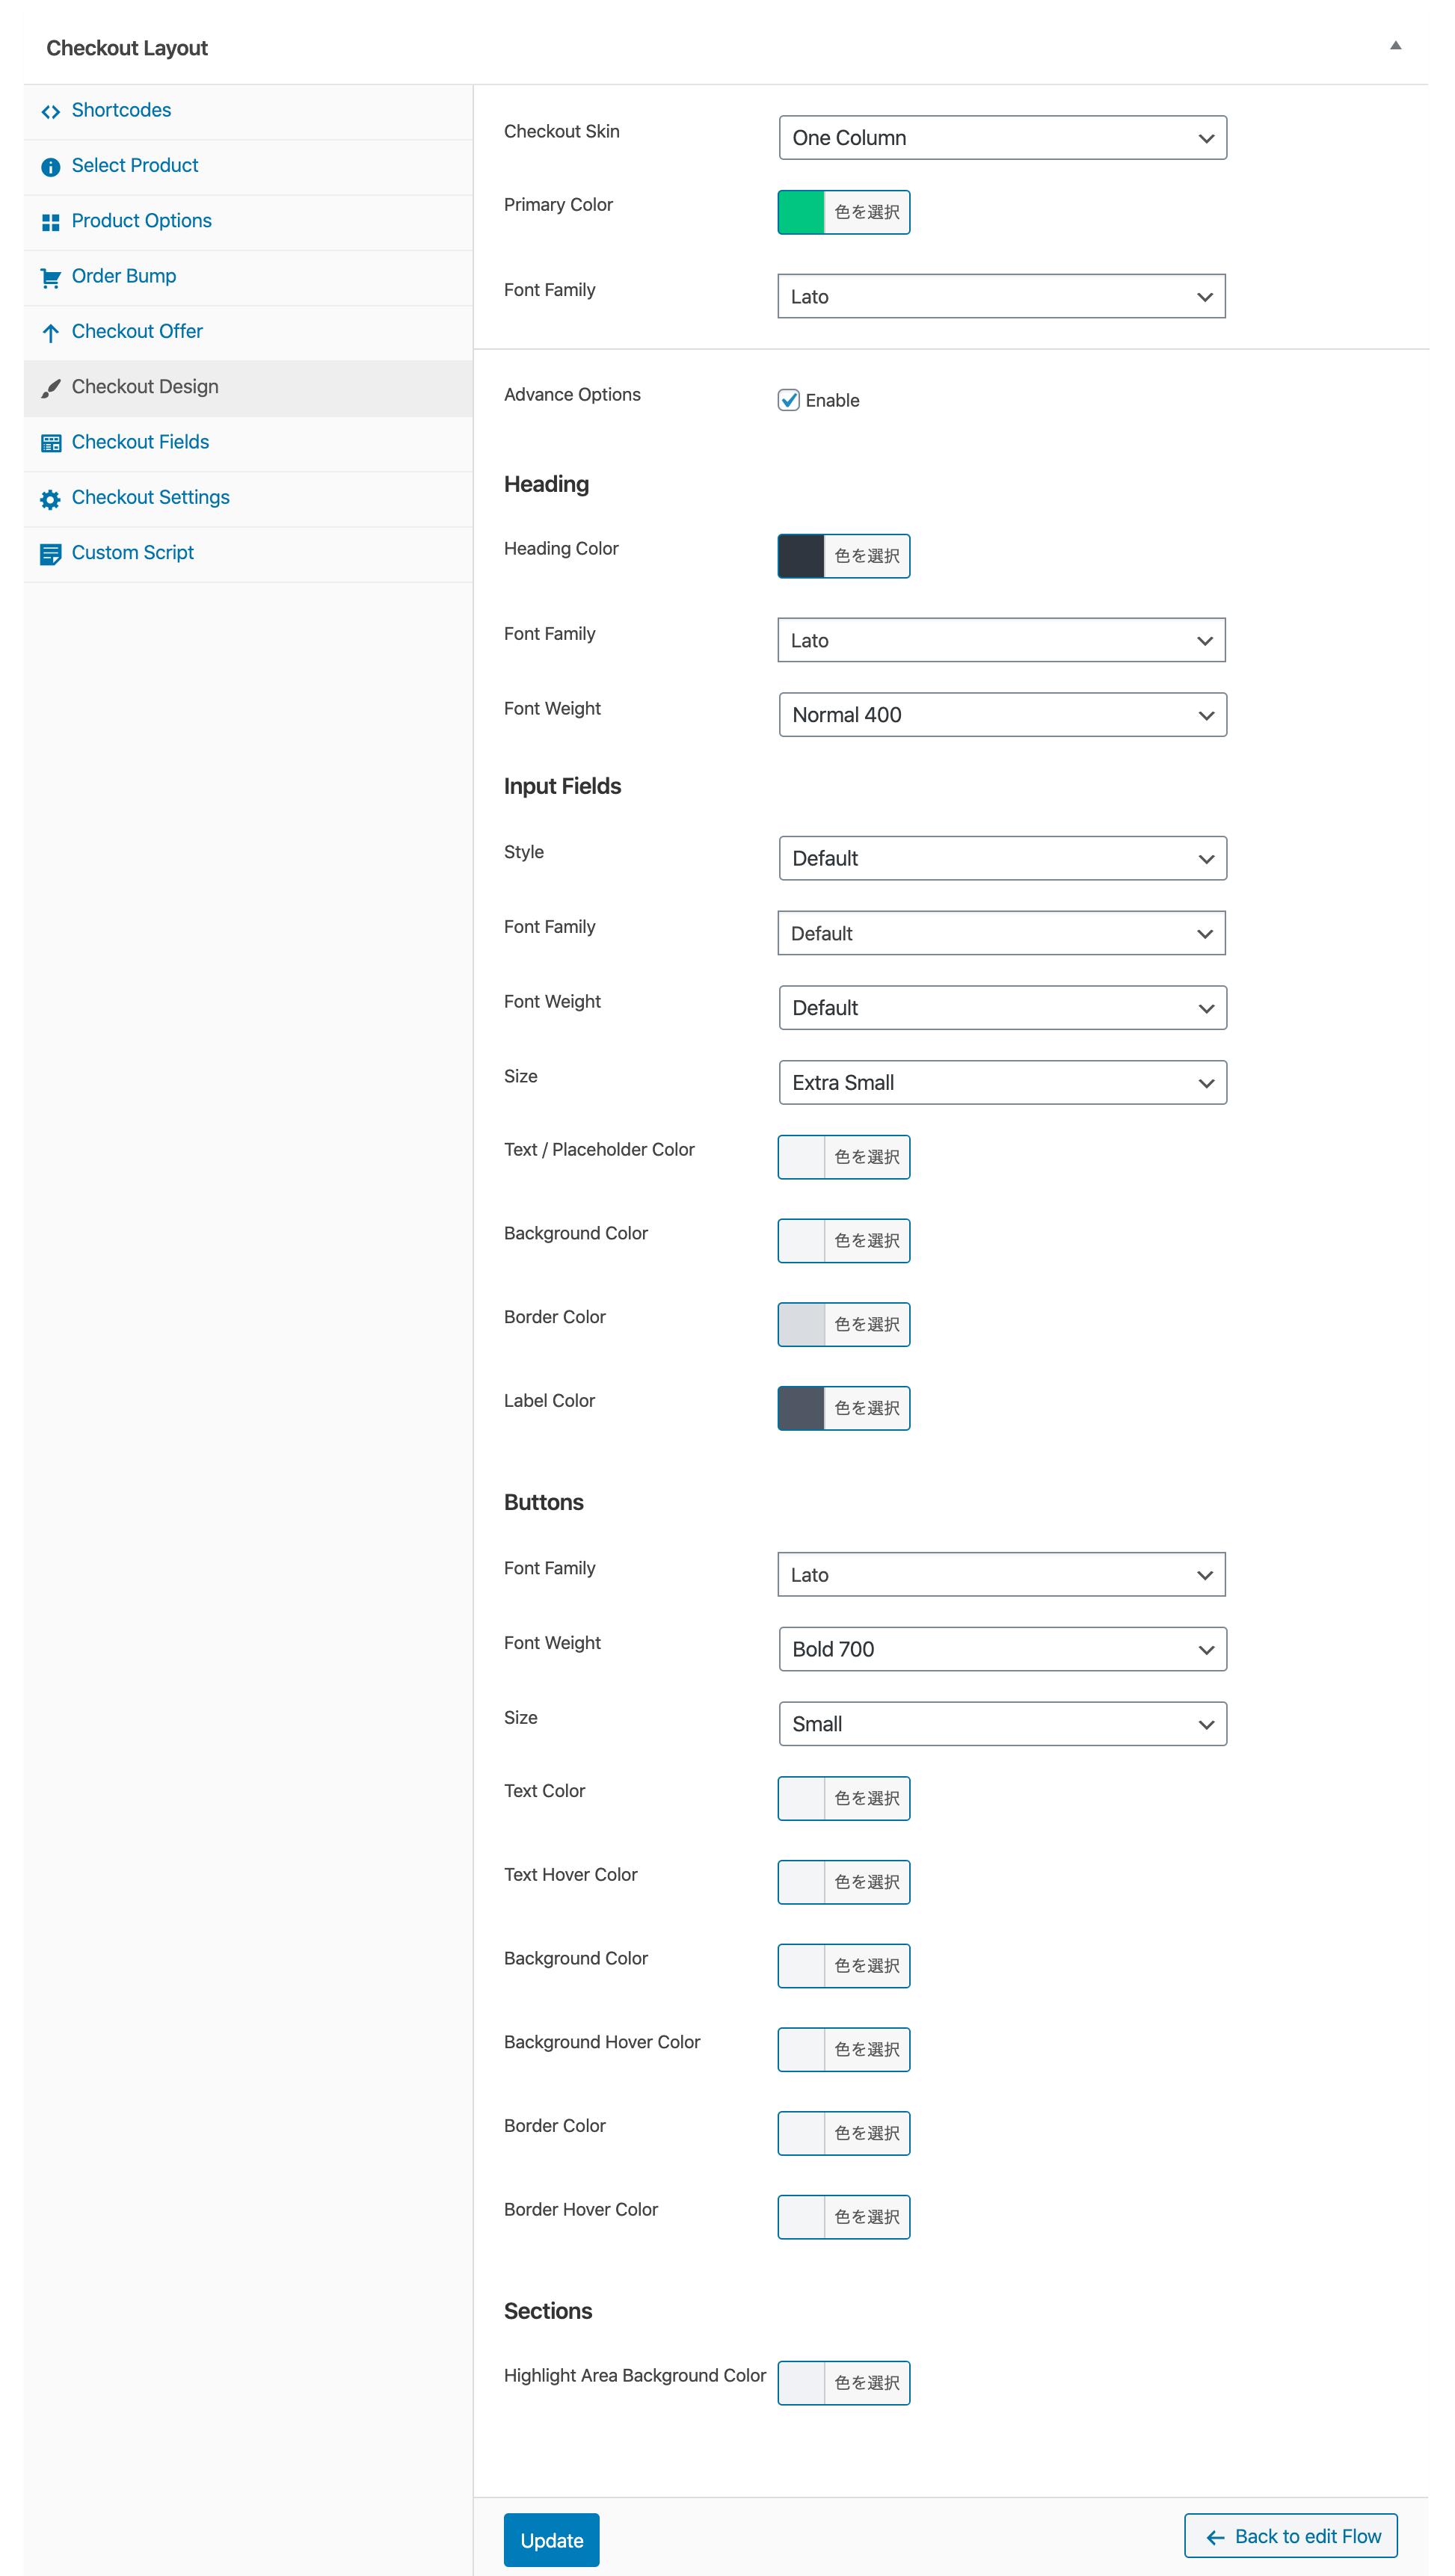 CartFlows ProのCheckout Design